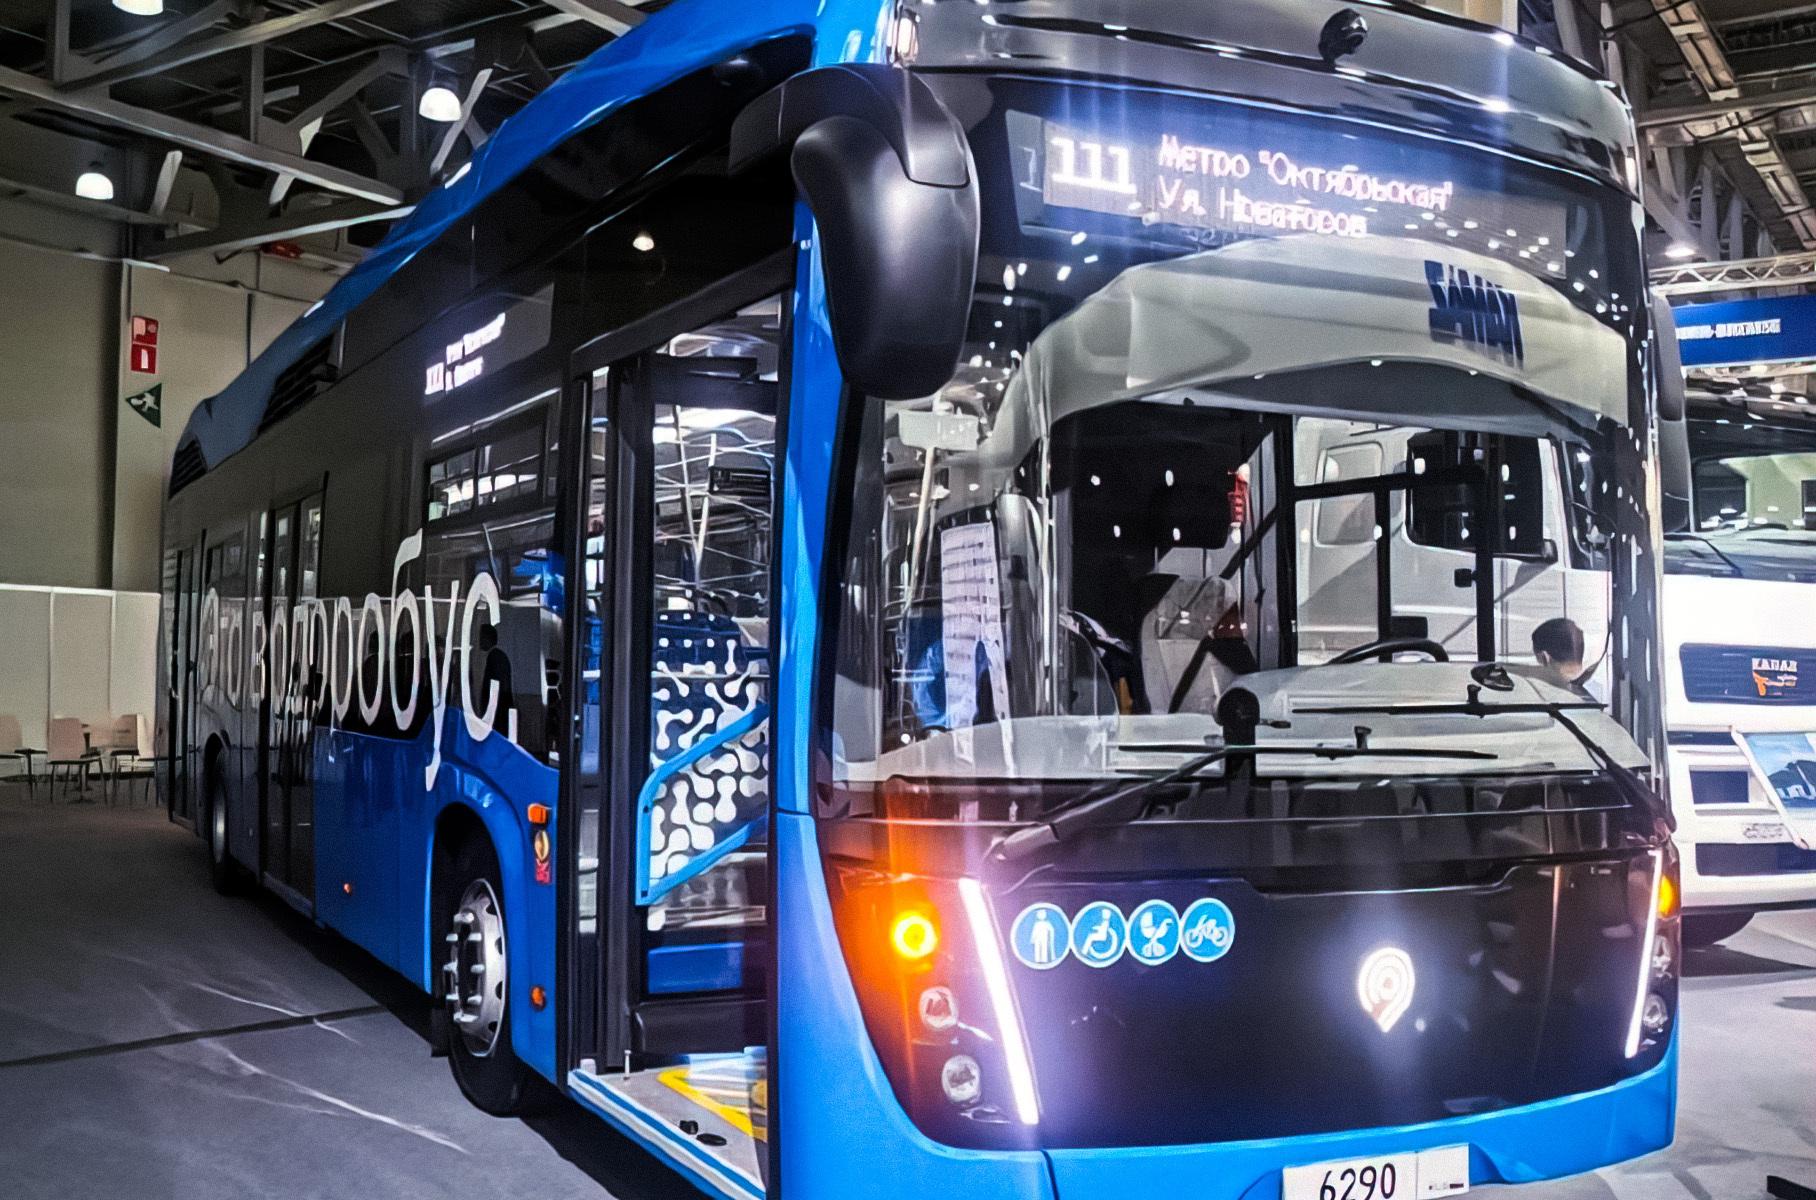 КамАЗ представил водородный автобус с запасом хода 250 километров